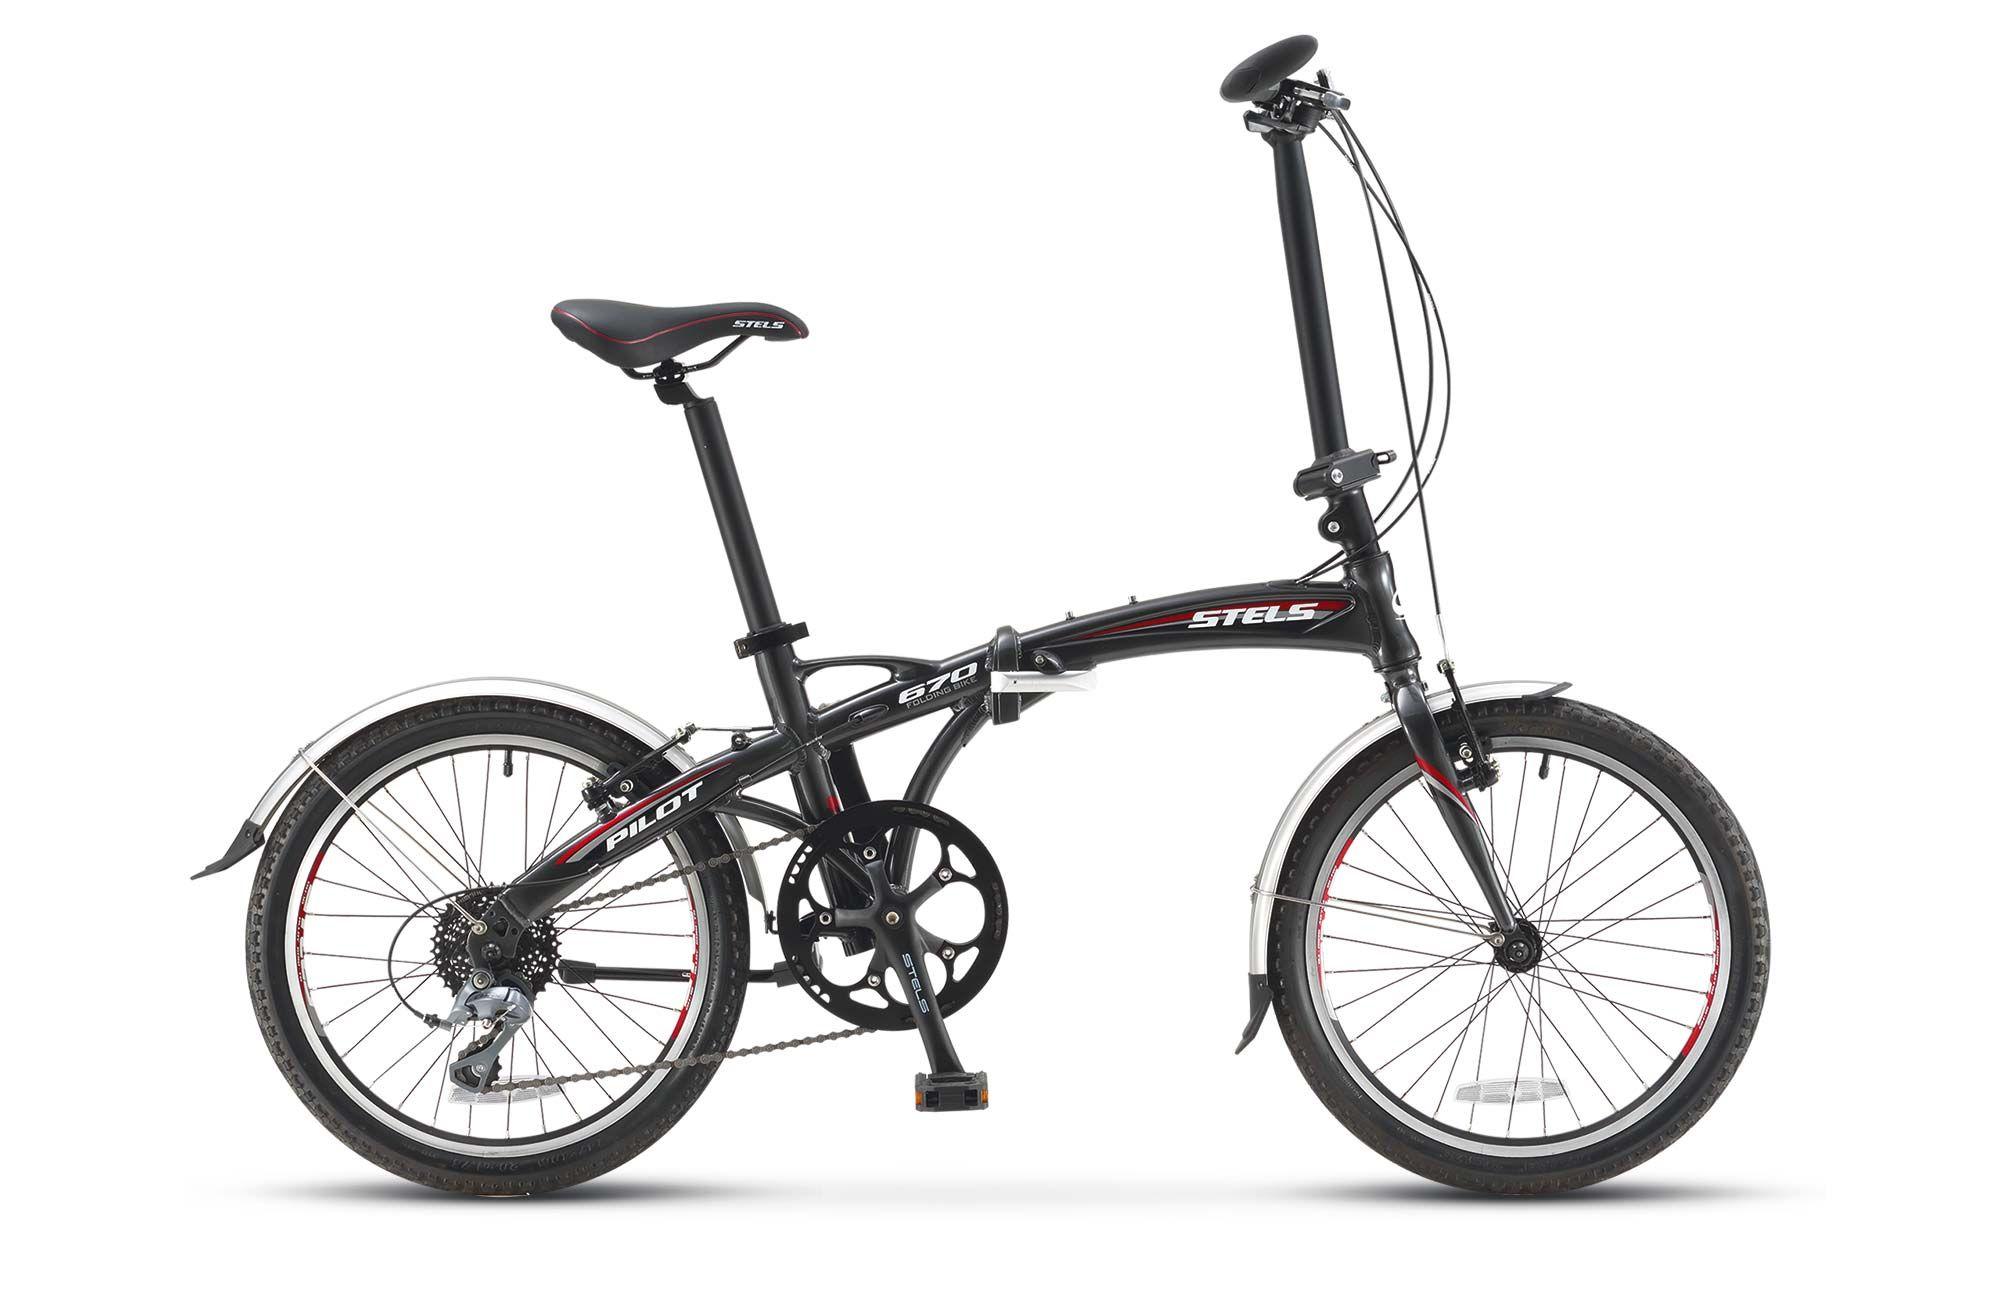 Велосипед Stels Pilot 670 2016